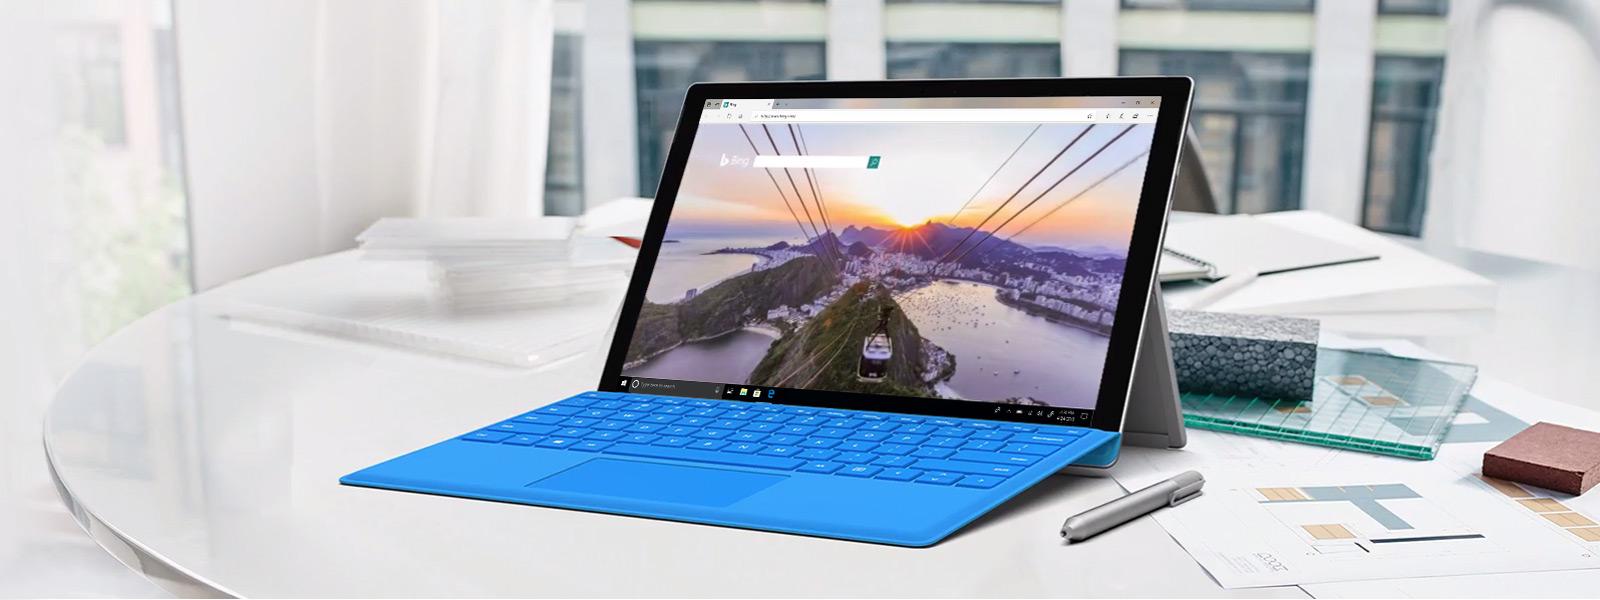 卓上のSurface Pro コンピュータが Microsoft Edge ブラウザで再生しているビデオを表示